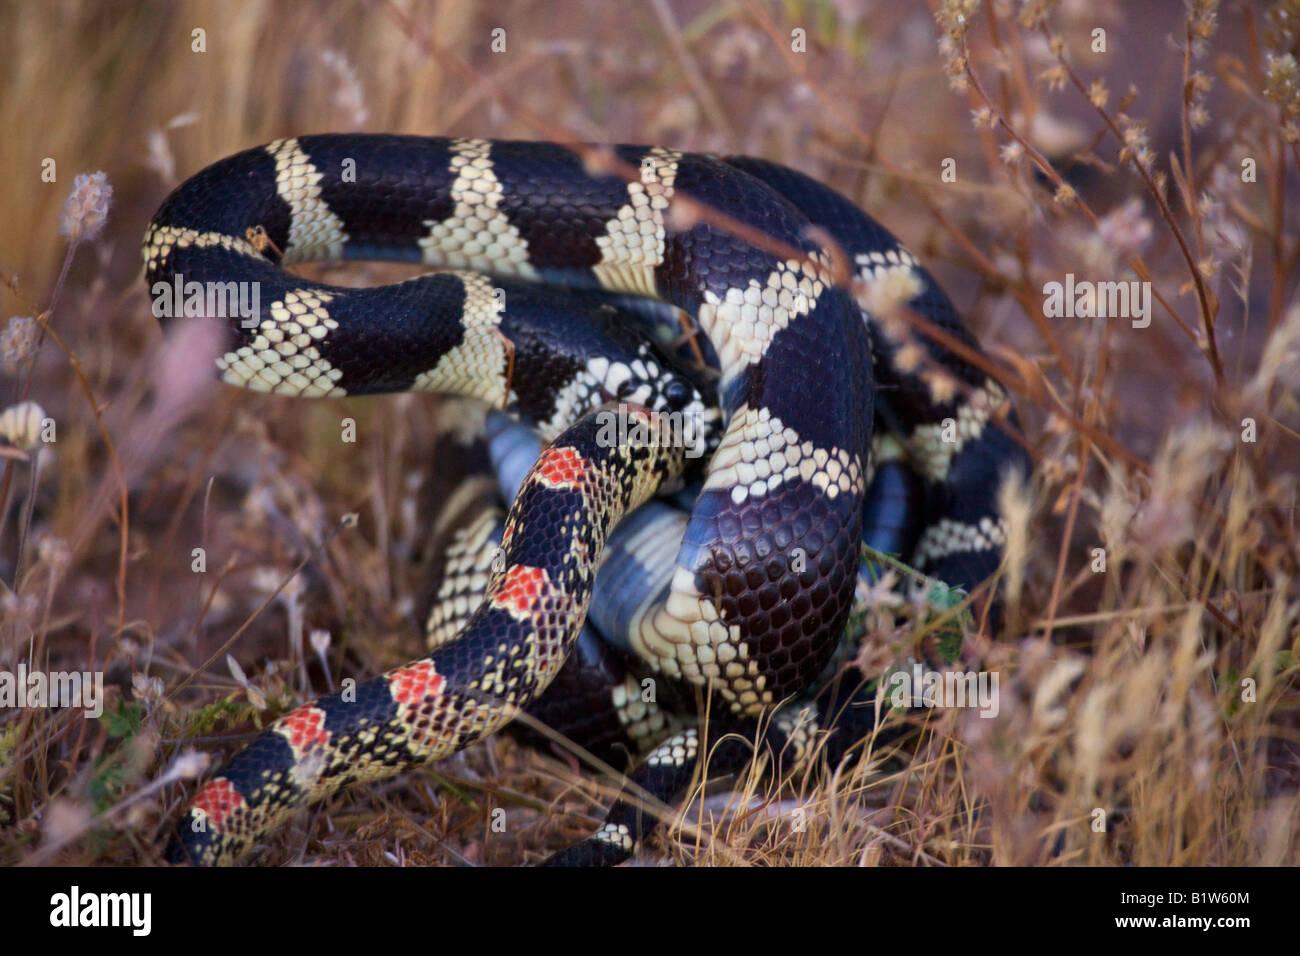 Eine gemeinsame King Snake Angriffe eine lange Nase Schlange in der Nähe von Fountain Hills außerhalb Stockbild